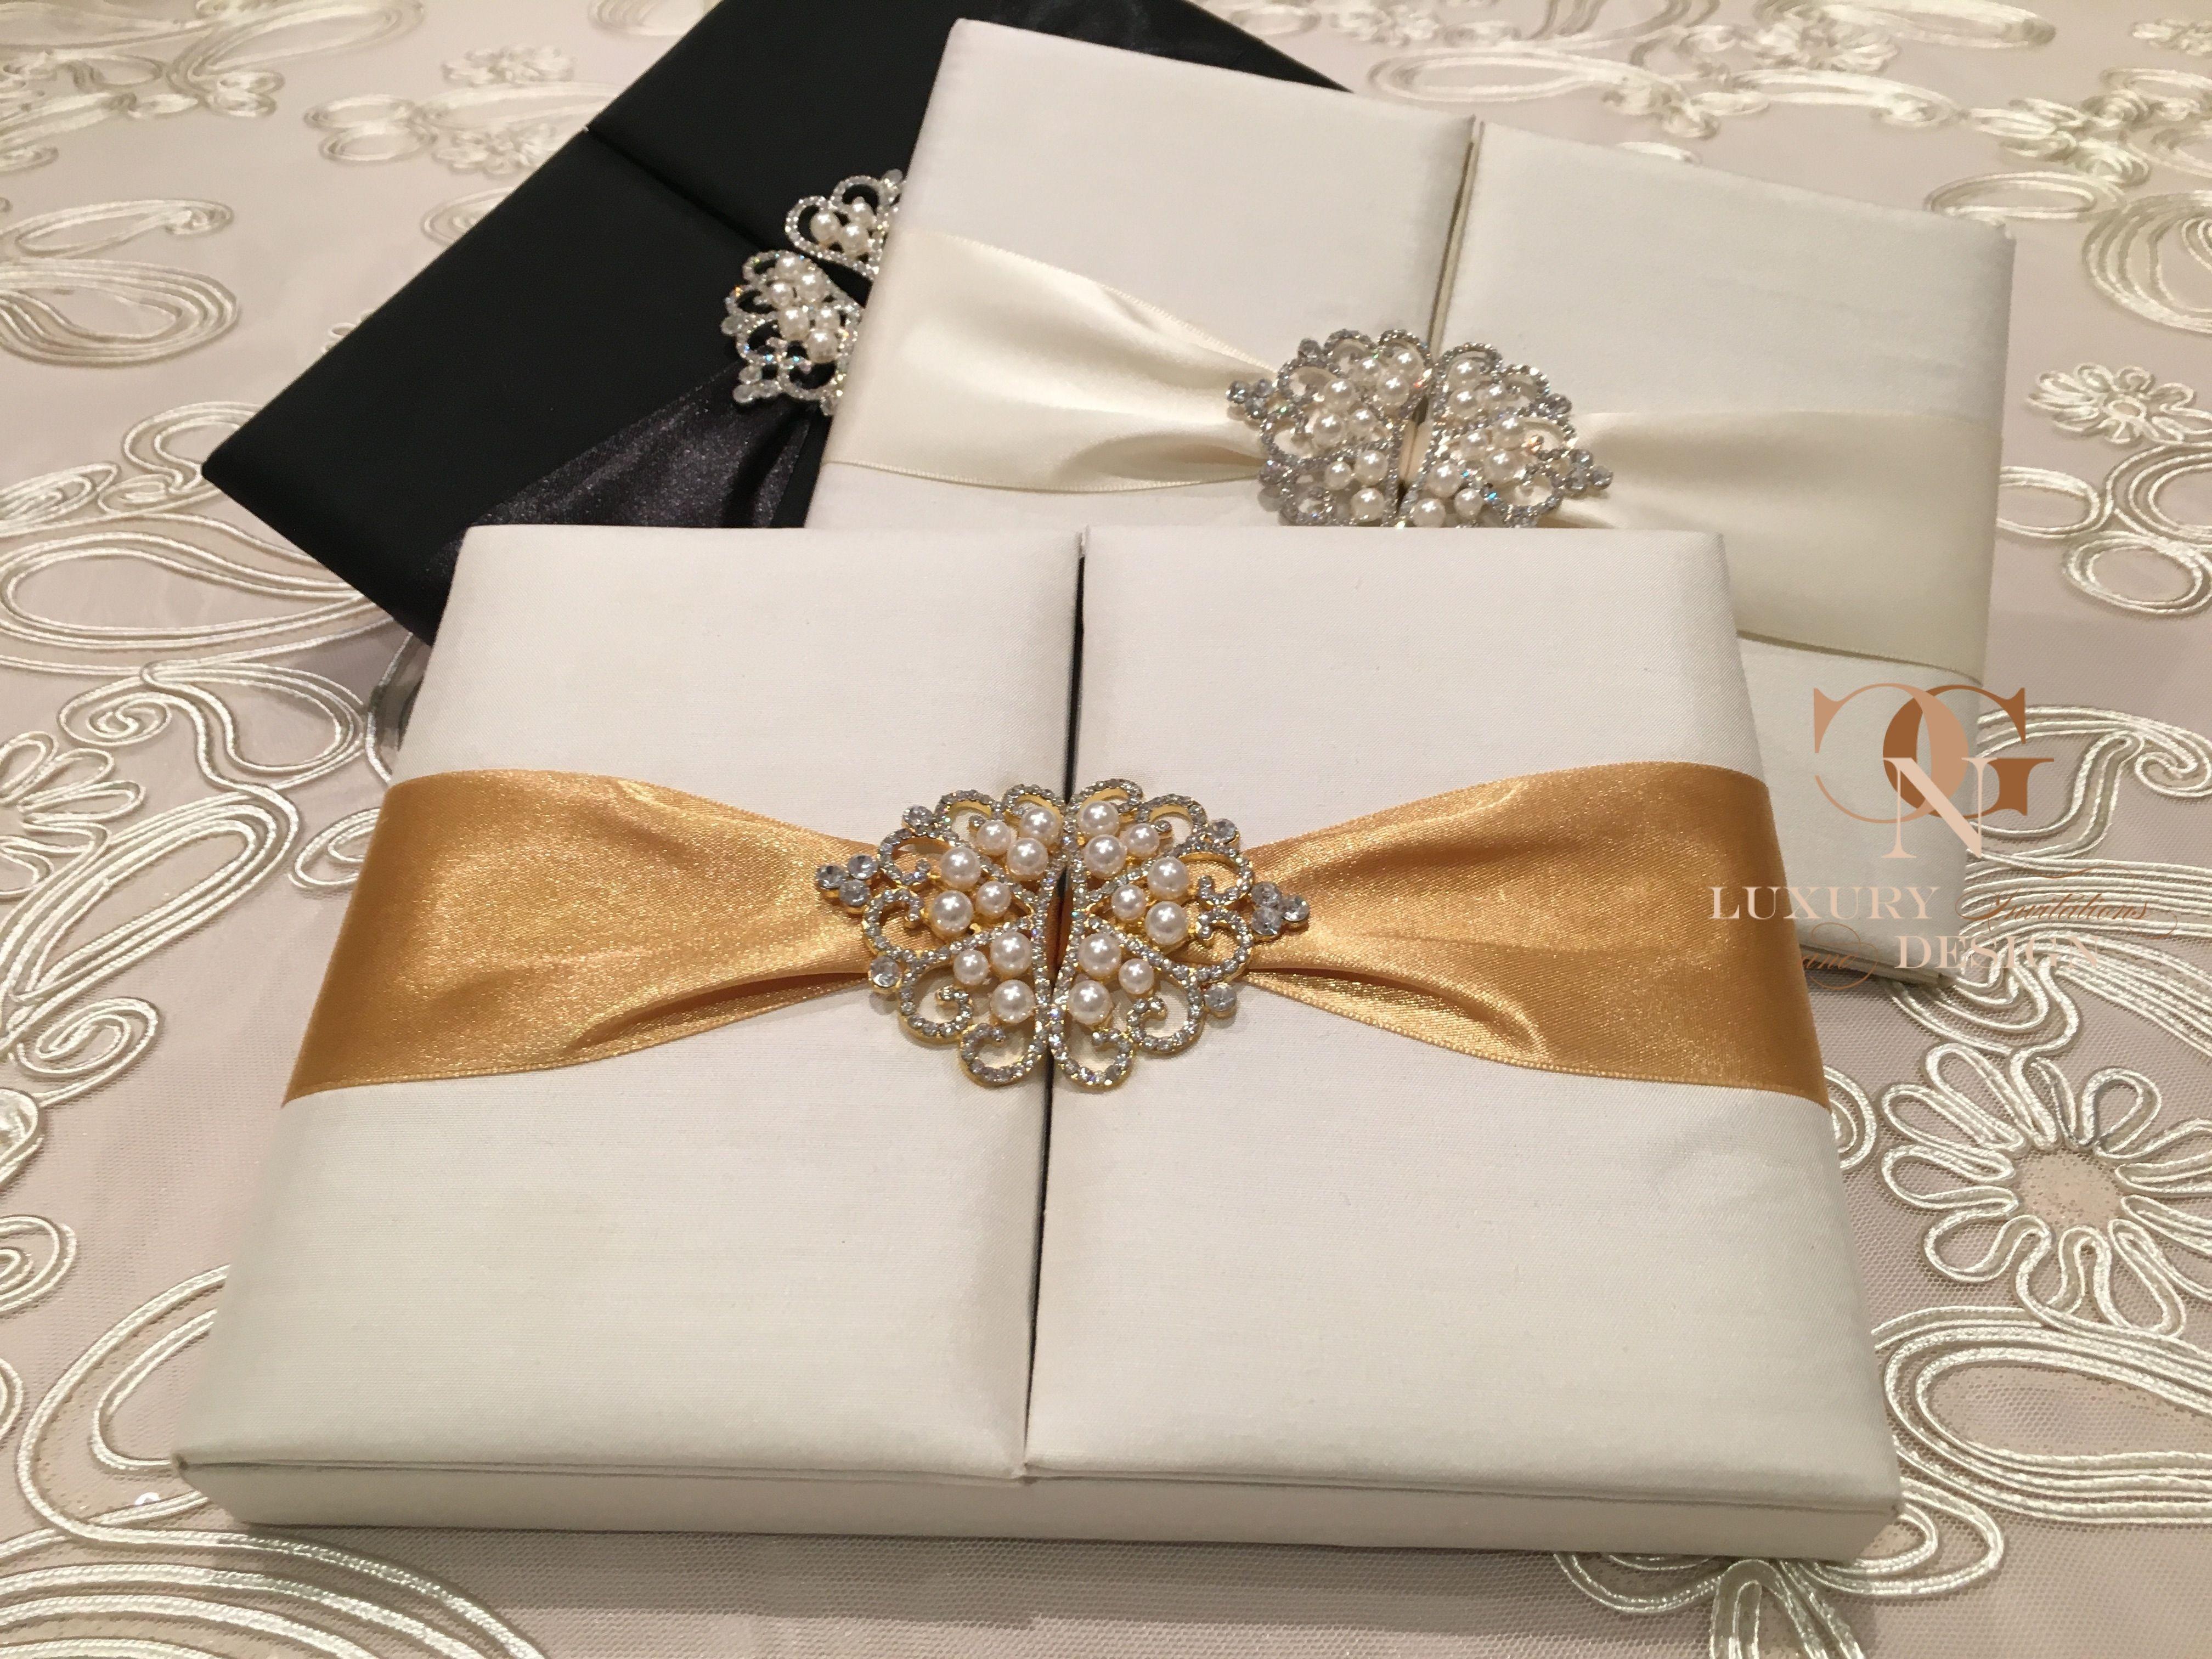 Seideneinladung Von Gnc Luxury Invitations Design Gold Black And Ivory Silk Wedding Invitations New Also In Switz Hochzeitseinladung Einladungen Hochzeit